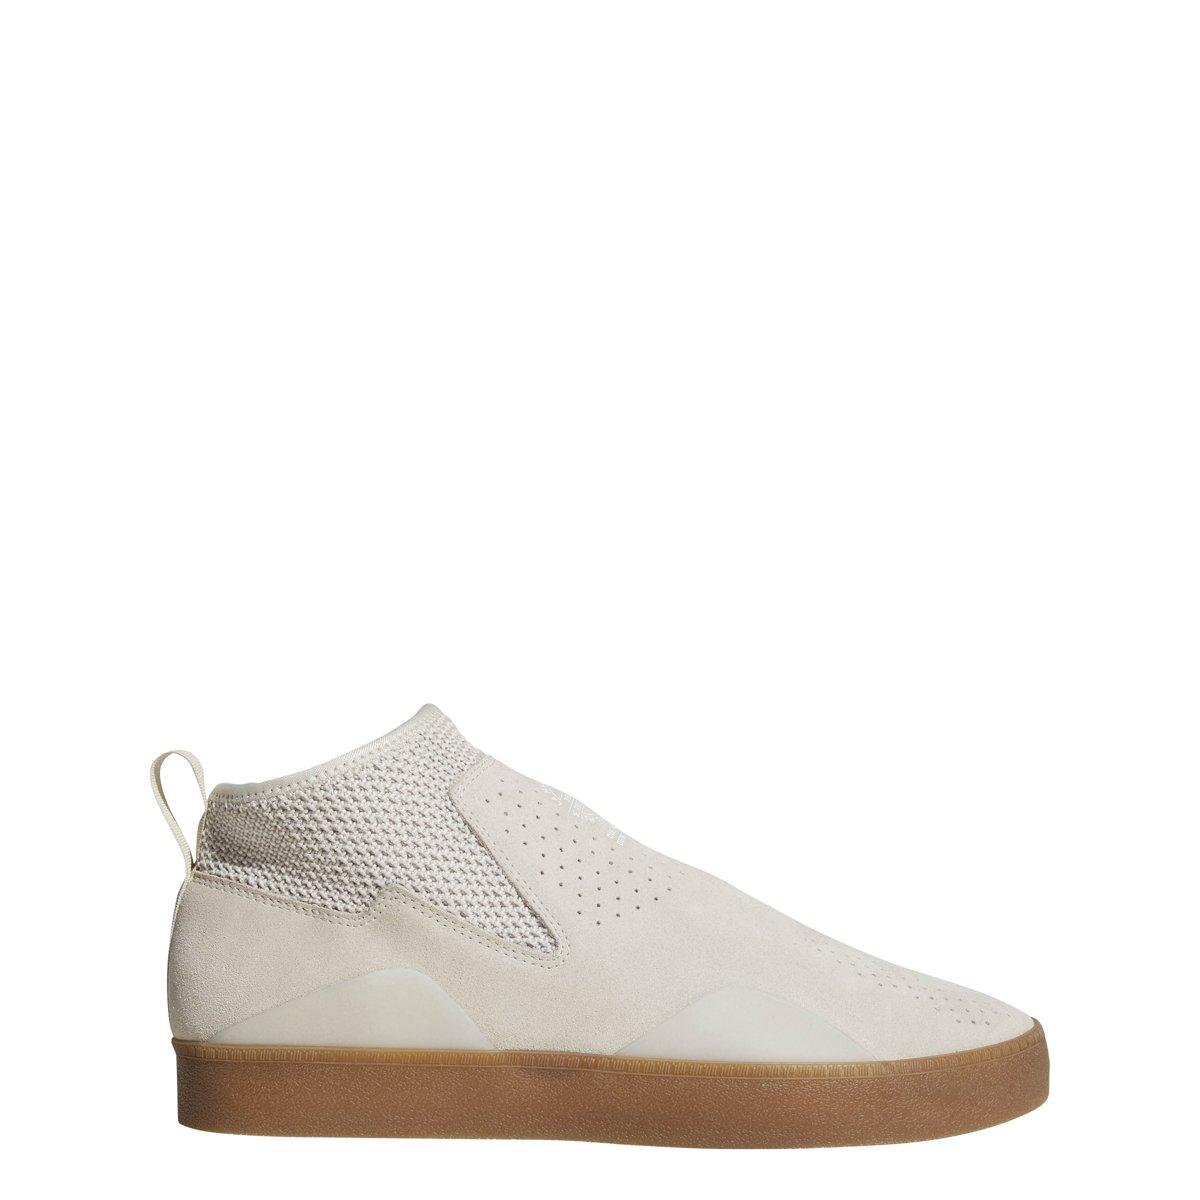 Adidas 3ST.002 CBROWN/FTWWHT/GUM4